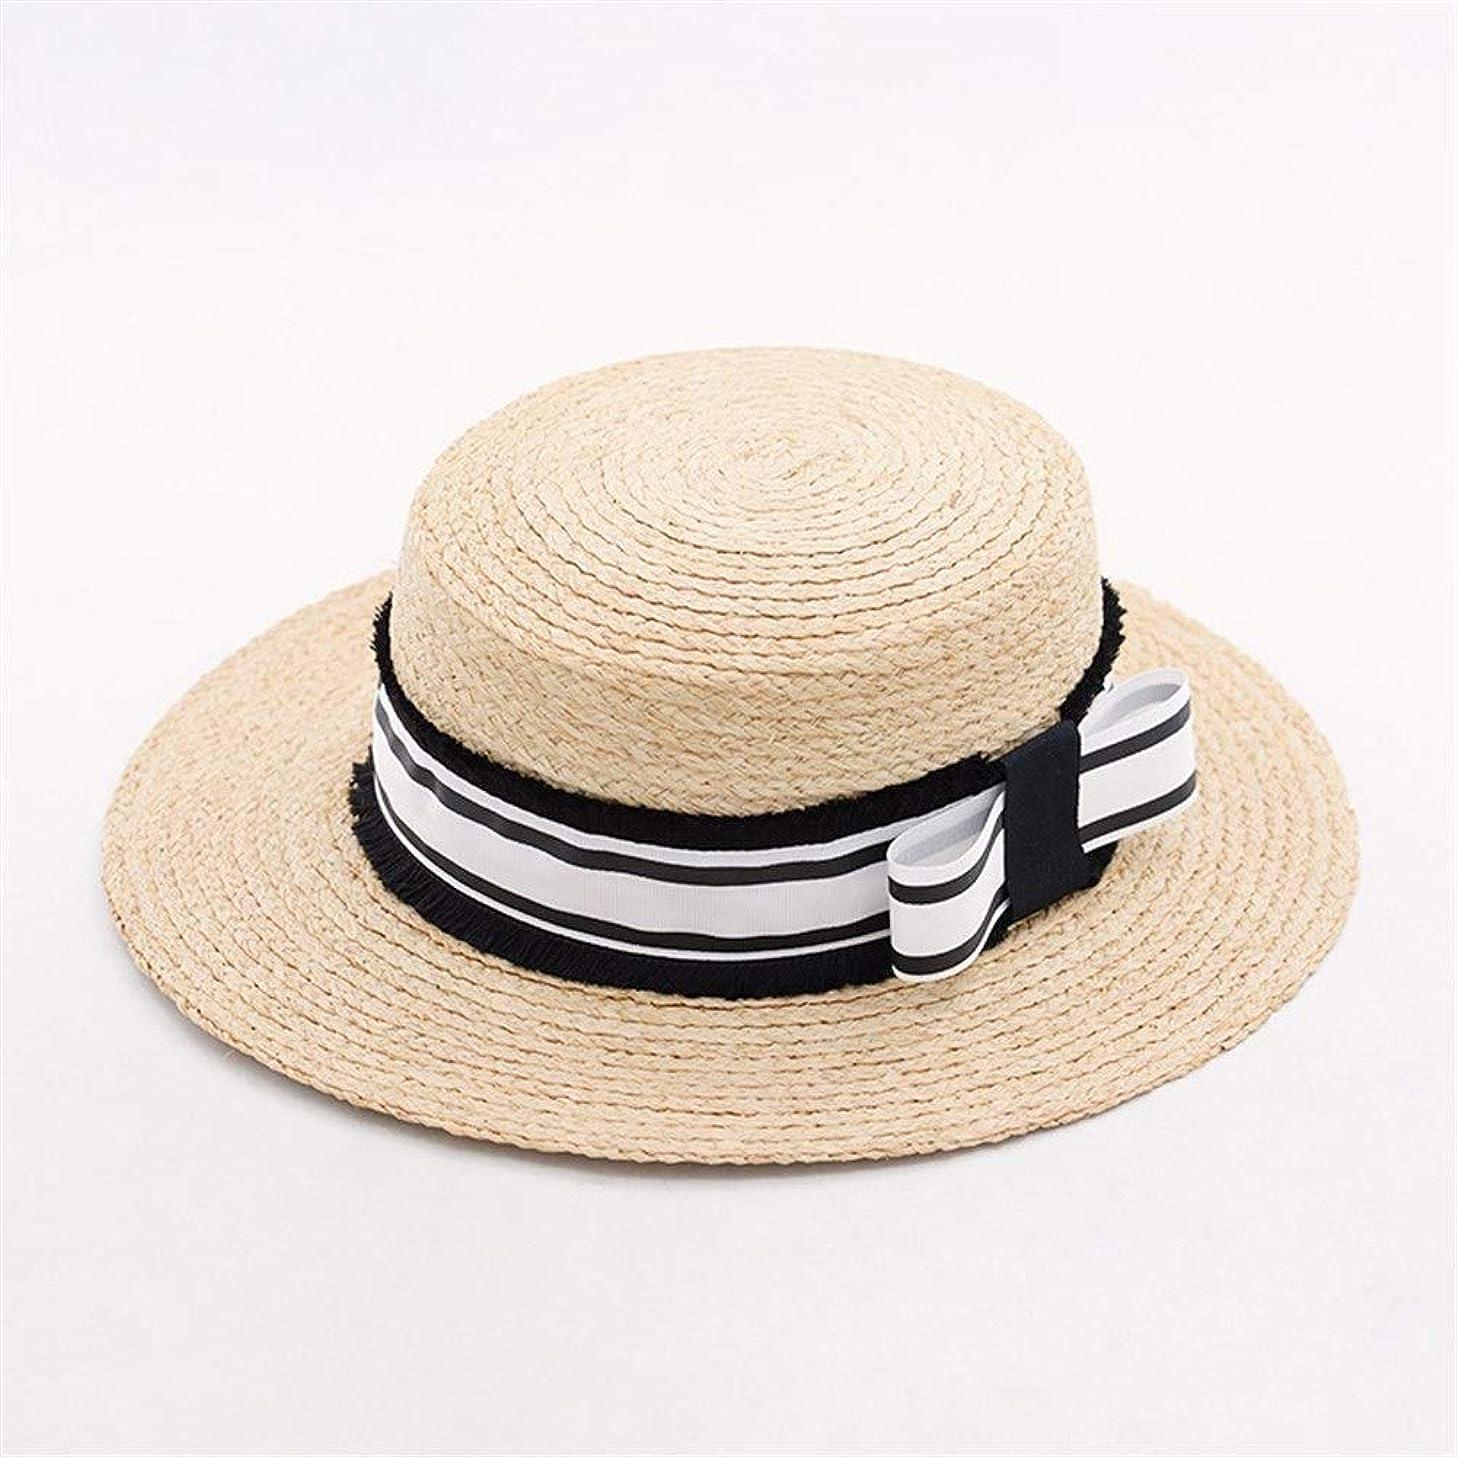 春と夏のラフィットカラーマッチング弓ビッグエッジ麦わら帽子屋外旅行日焼け止めビーチ麦わら帽子